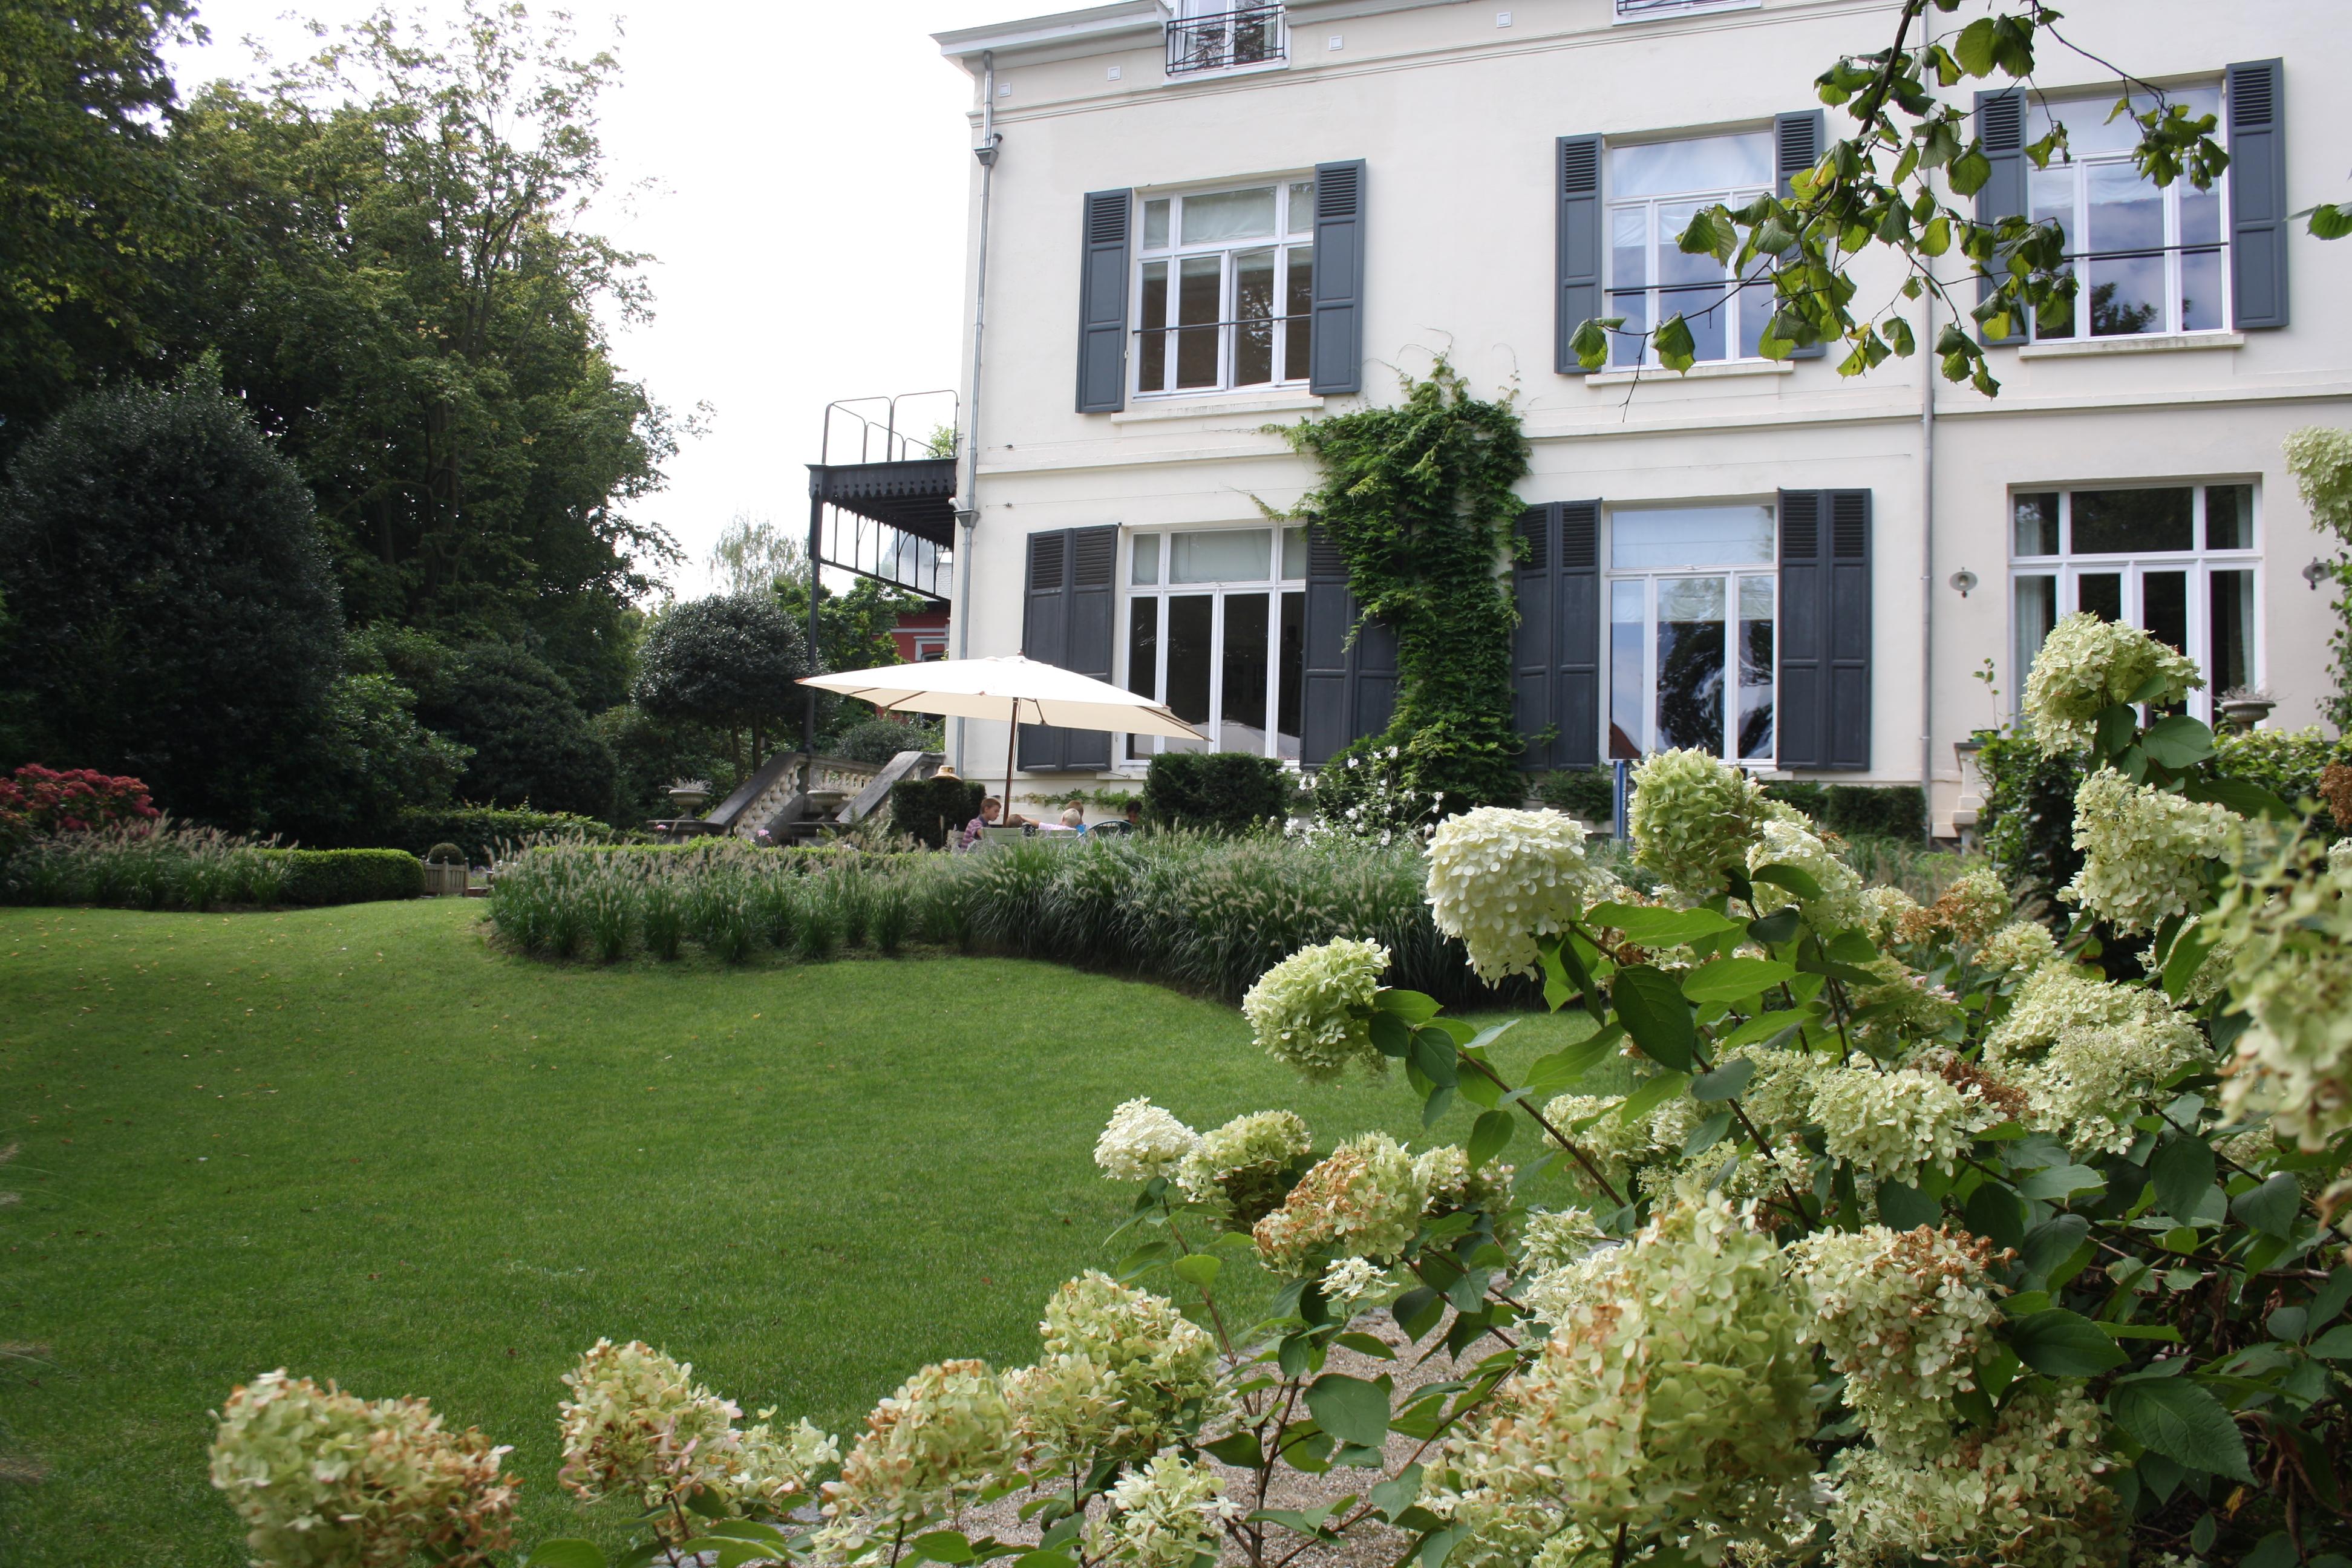 un parc autour de la maison art landscape architecte paysagiste architecte de jardin. Black Bedroom Furniture Sets. Home Design Ideas